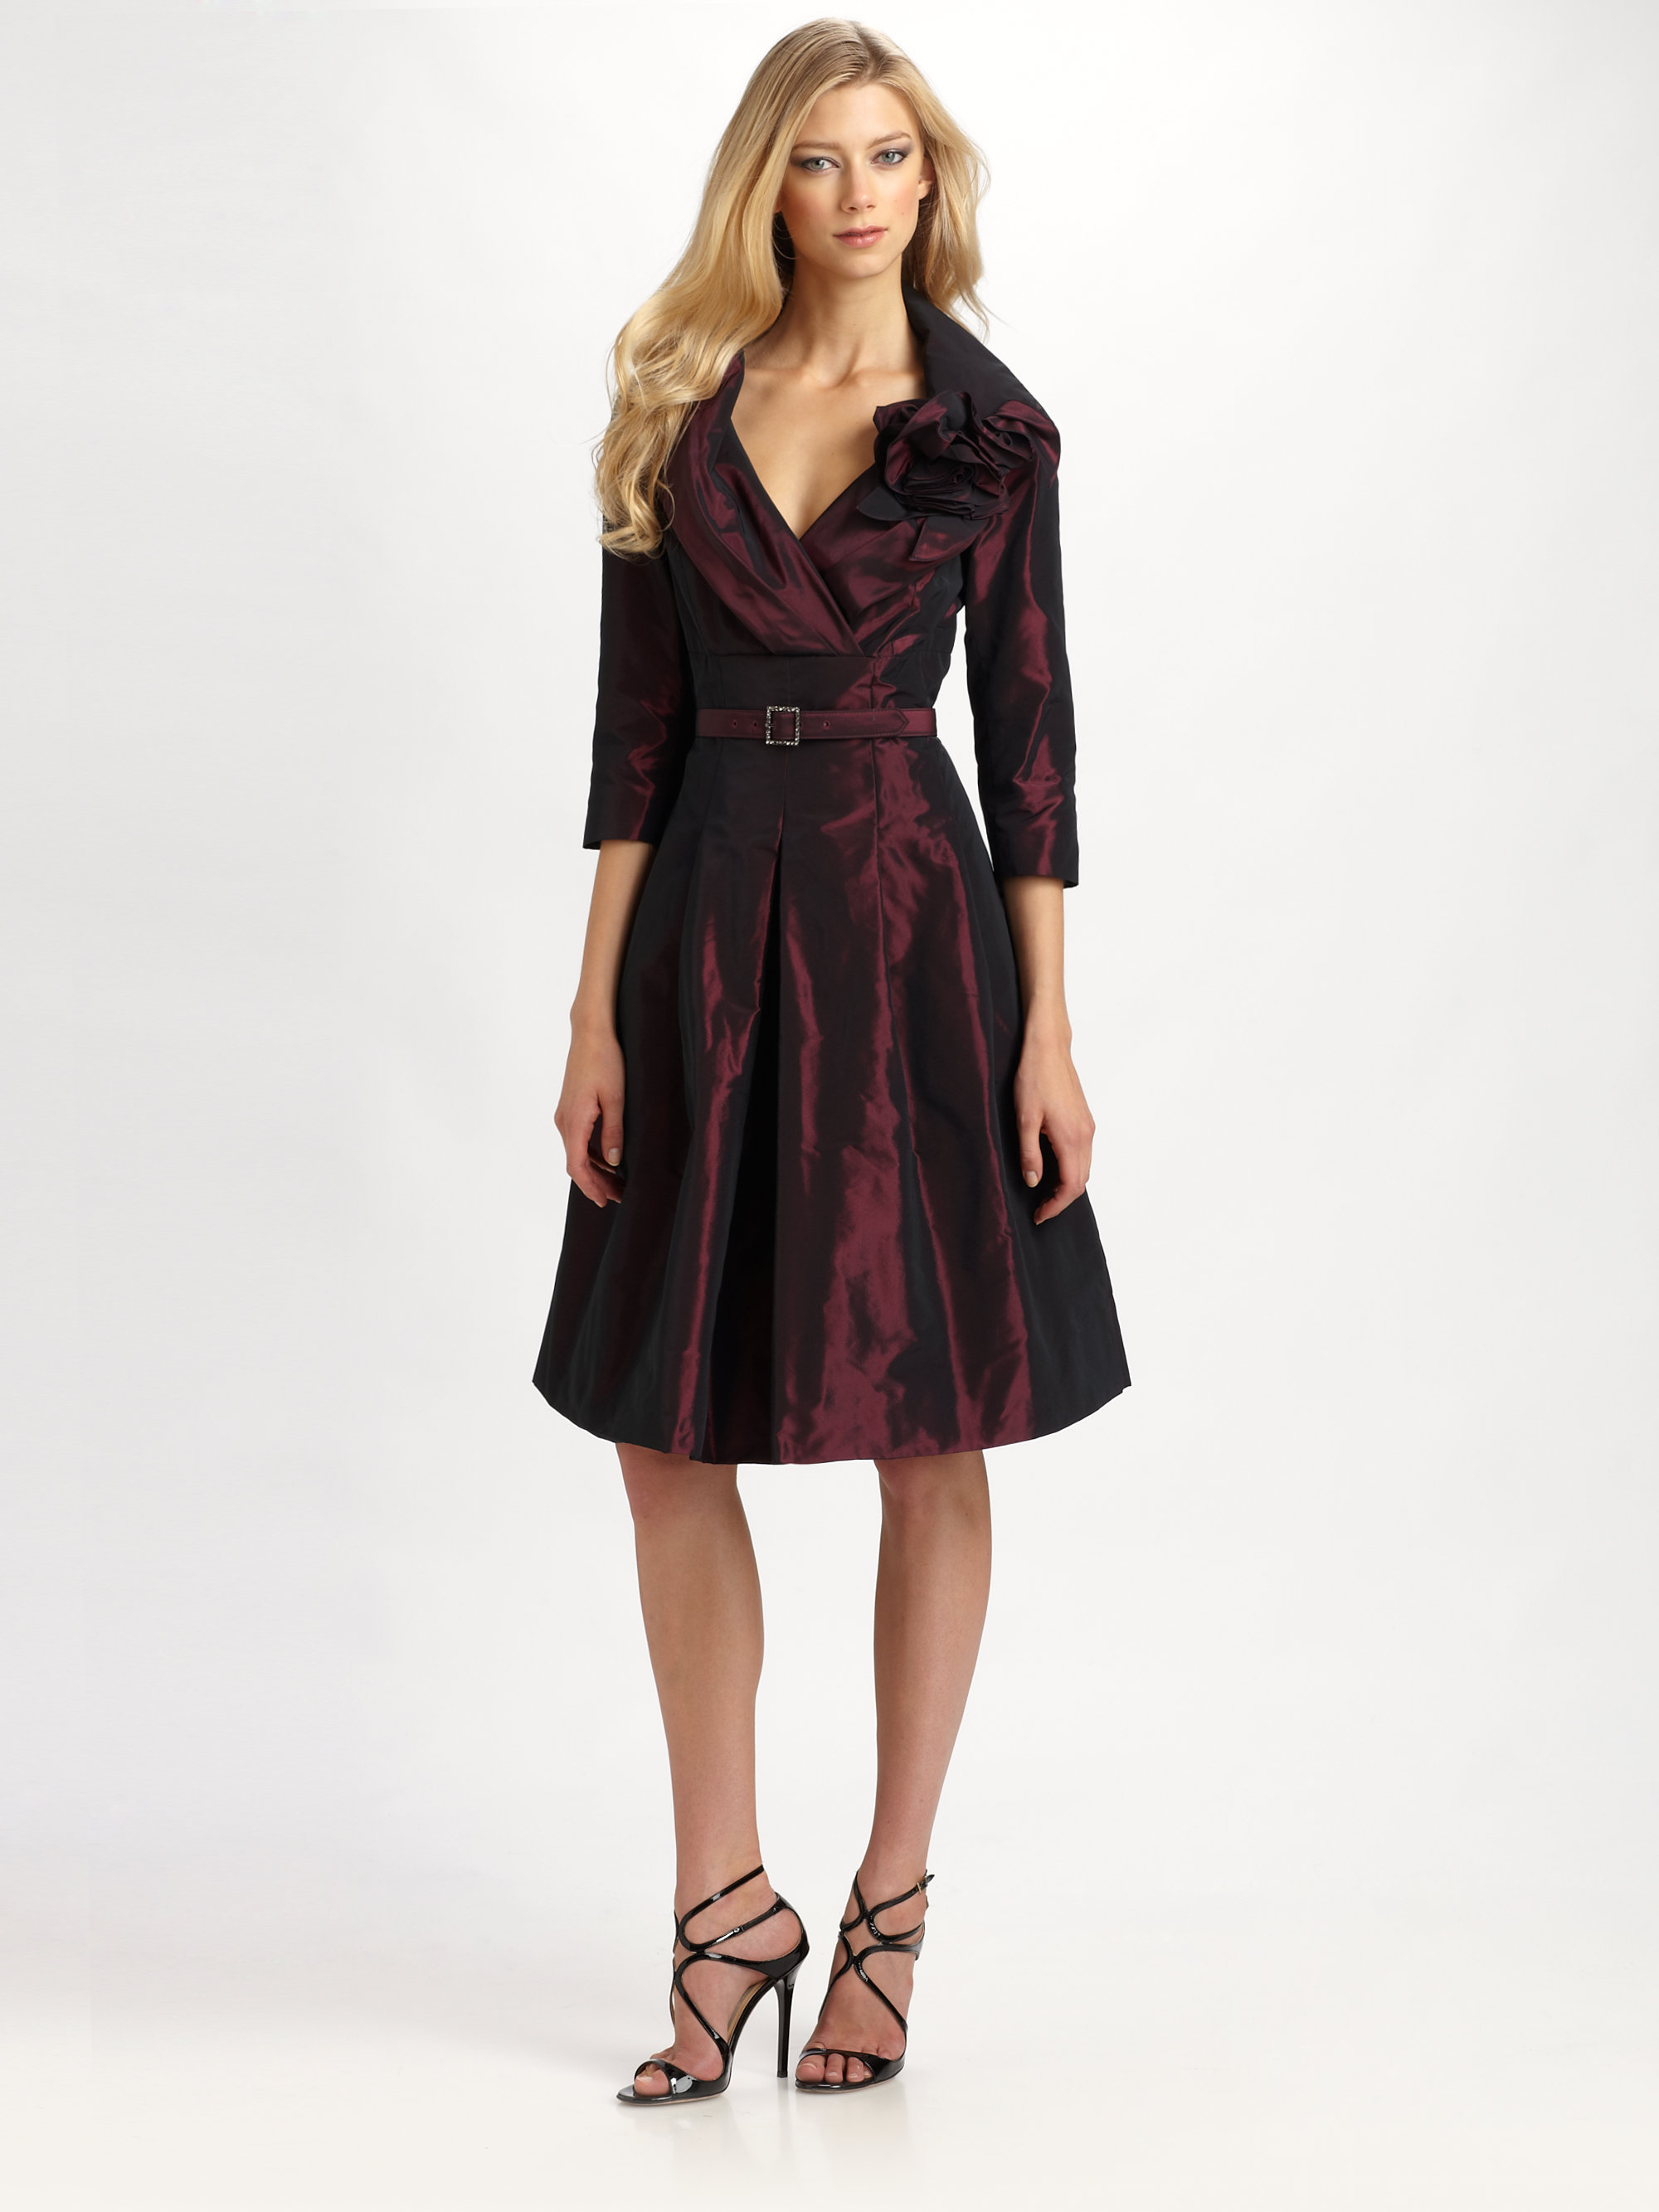 Red Taffeta Dress